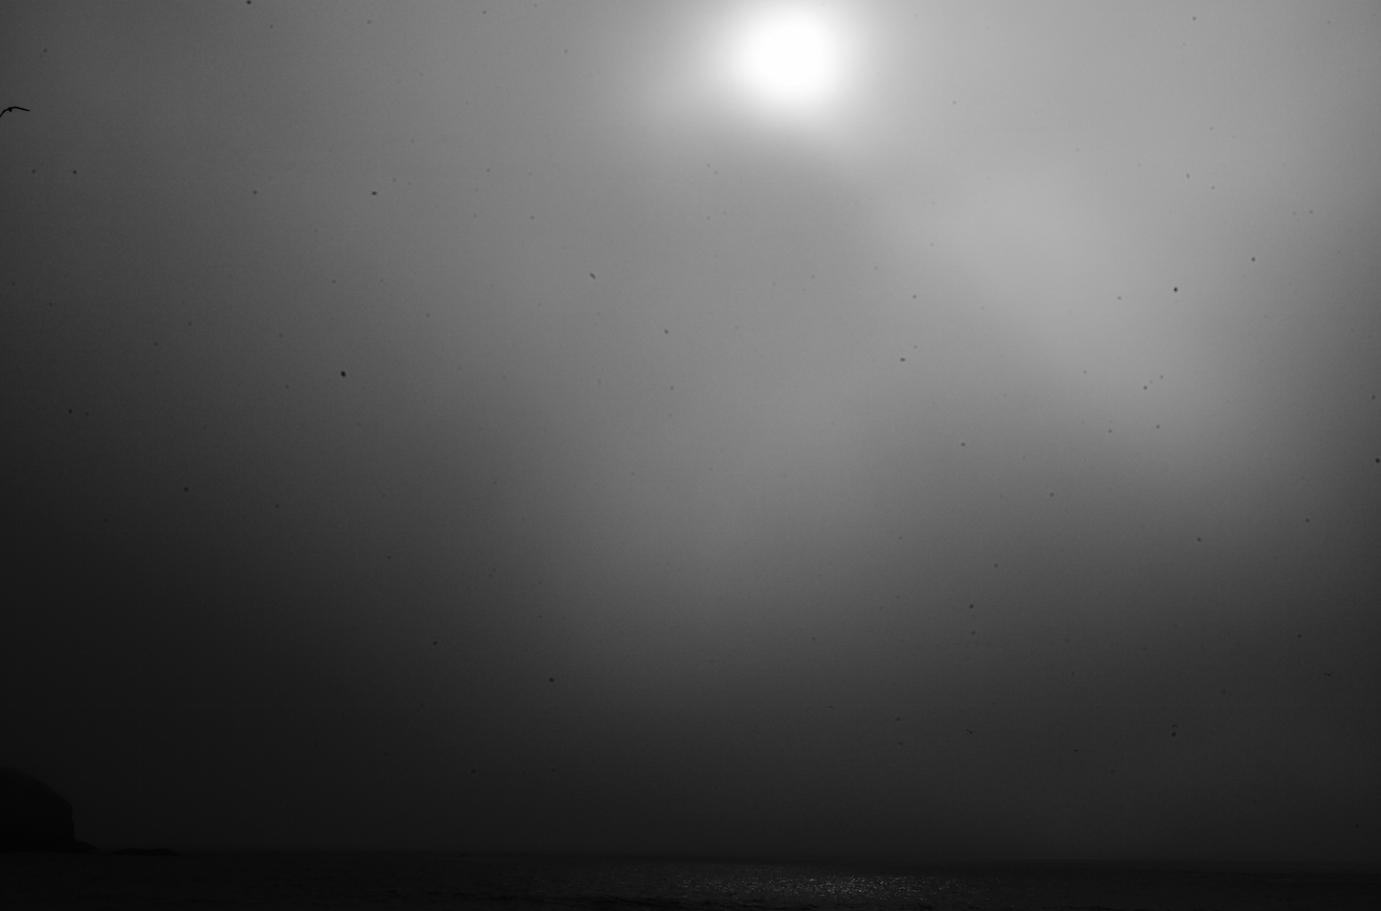 Screen Shot 2014-11-23 at 6.20.22 PM.png